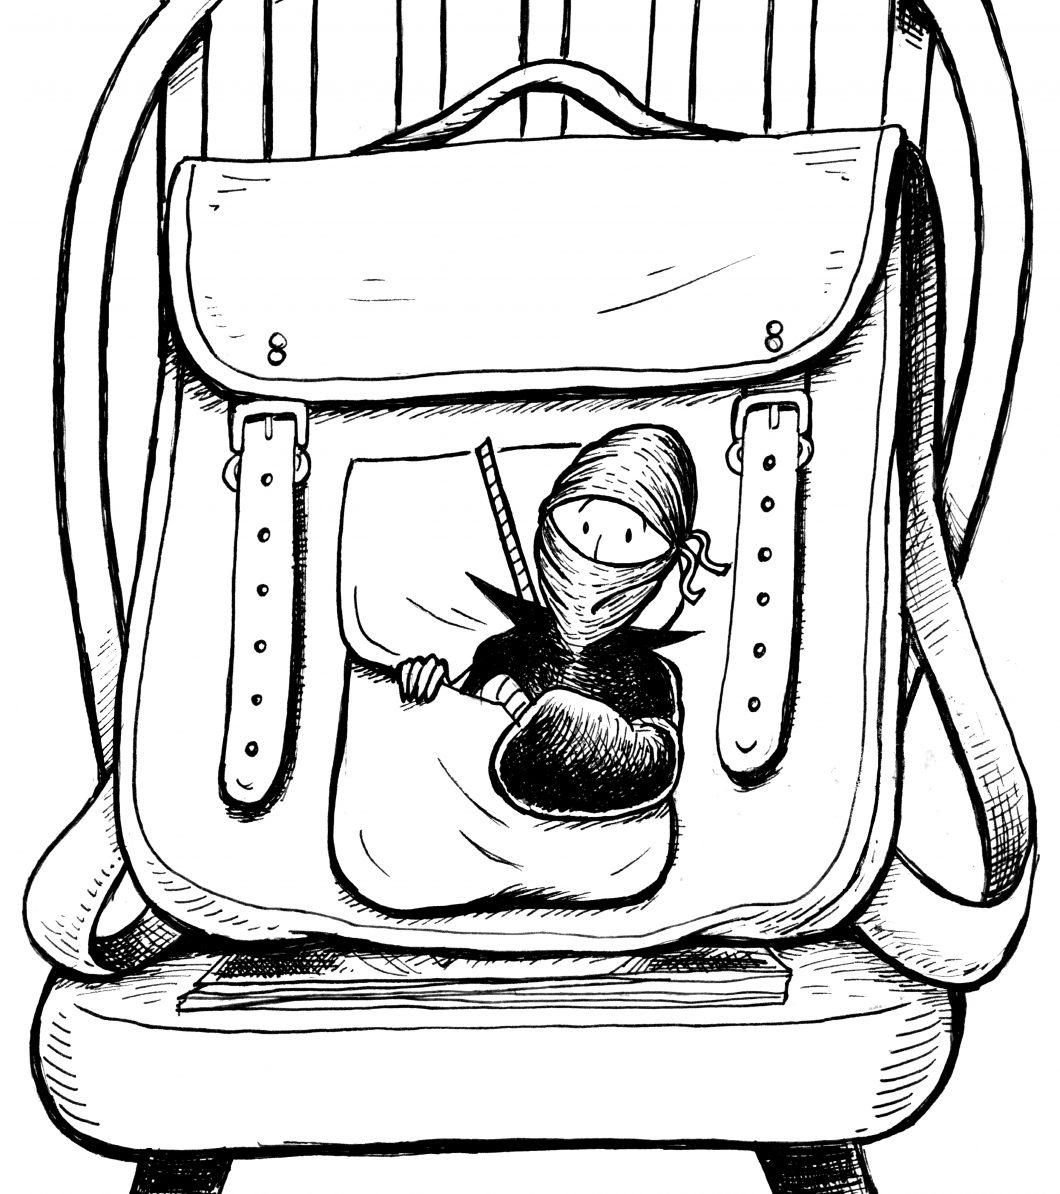 smfa ninja backpack by chari pere